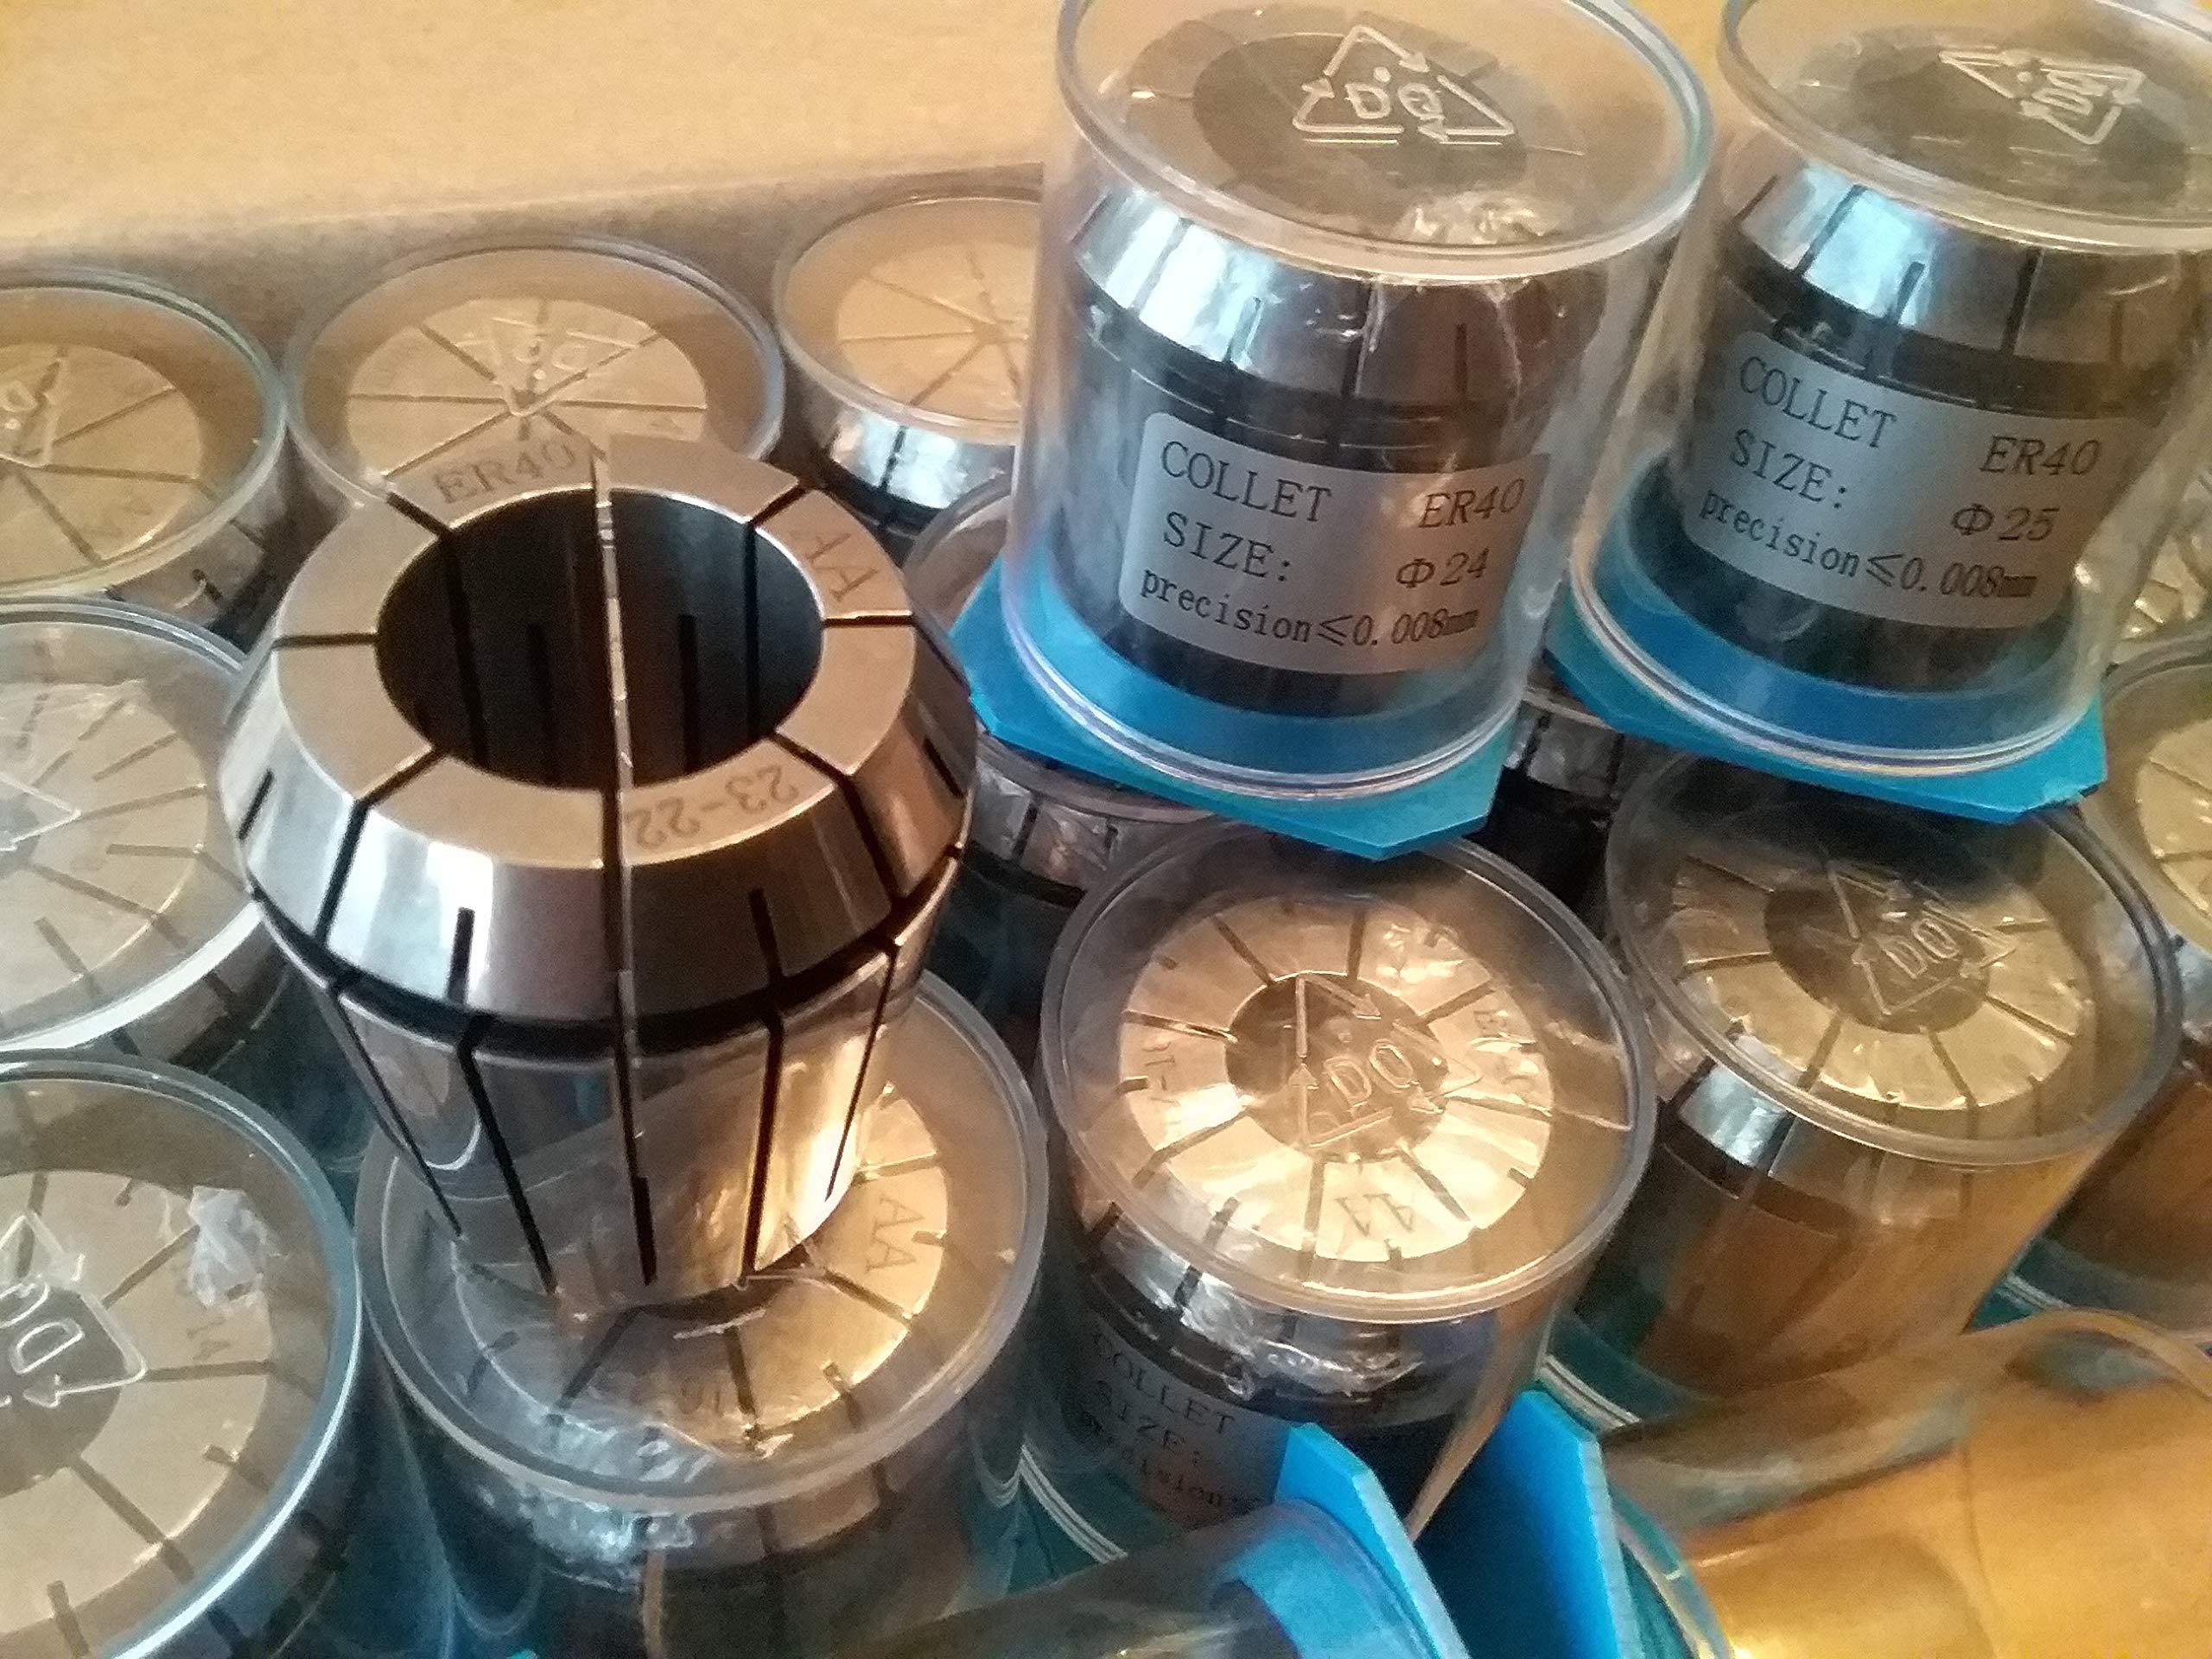 23pcs ER40 Metric Collet Set, collets 4mm - 26mm, 0.008mm TIR #ER40-SET23M-NEW by CME (Image #2)